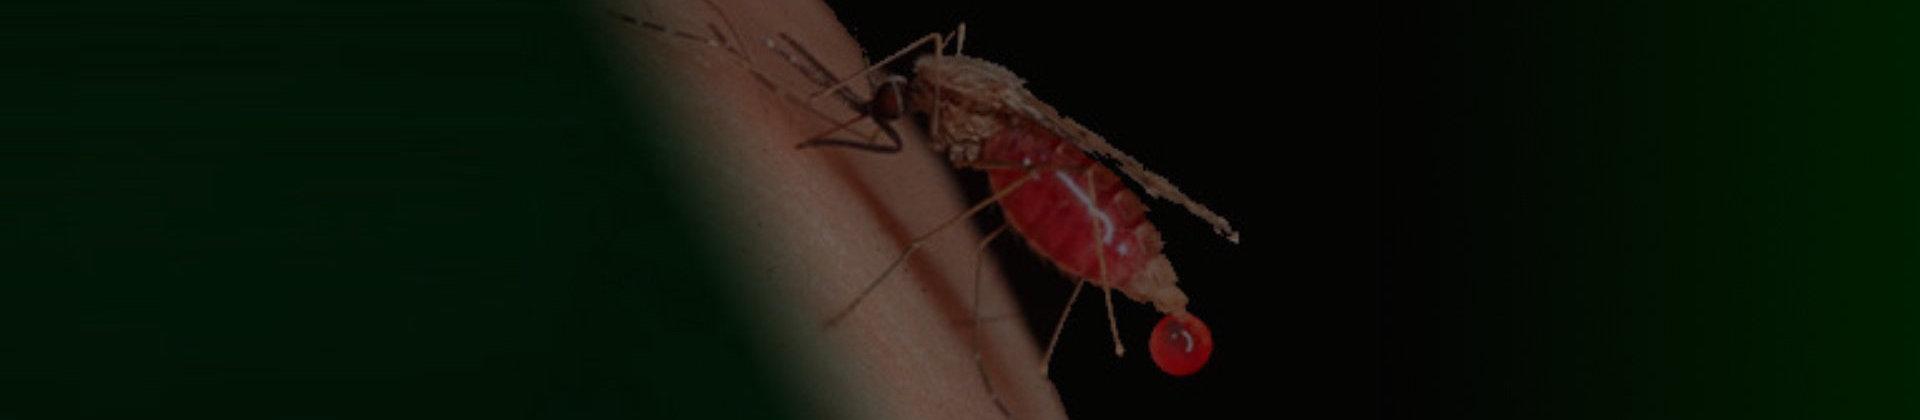 Medical Entomology and Zoology